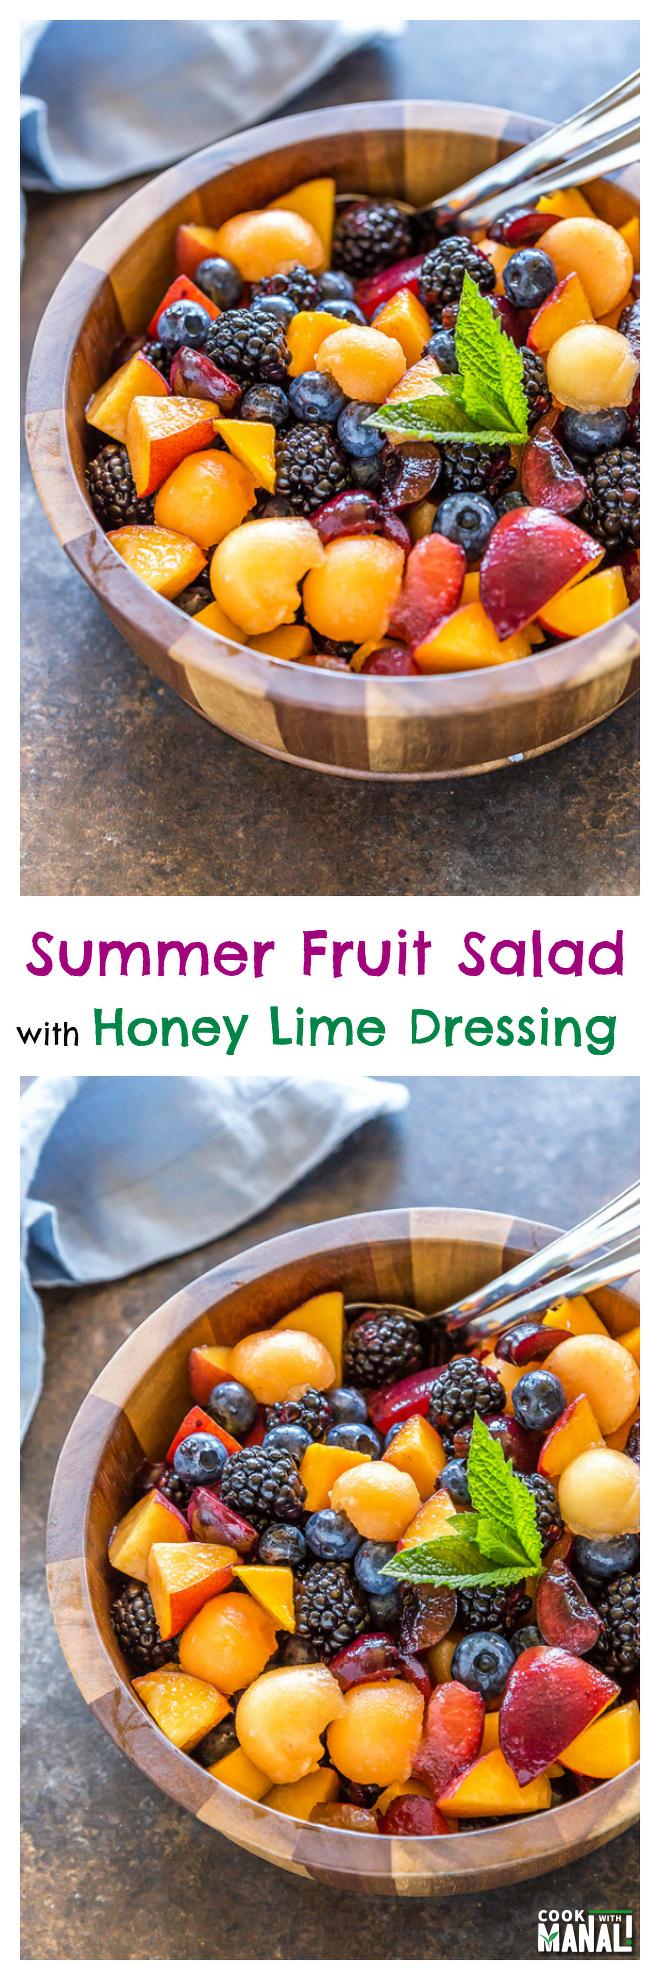 Summer Fruit Salad Collage